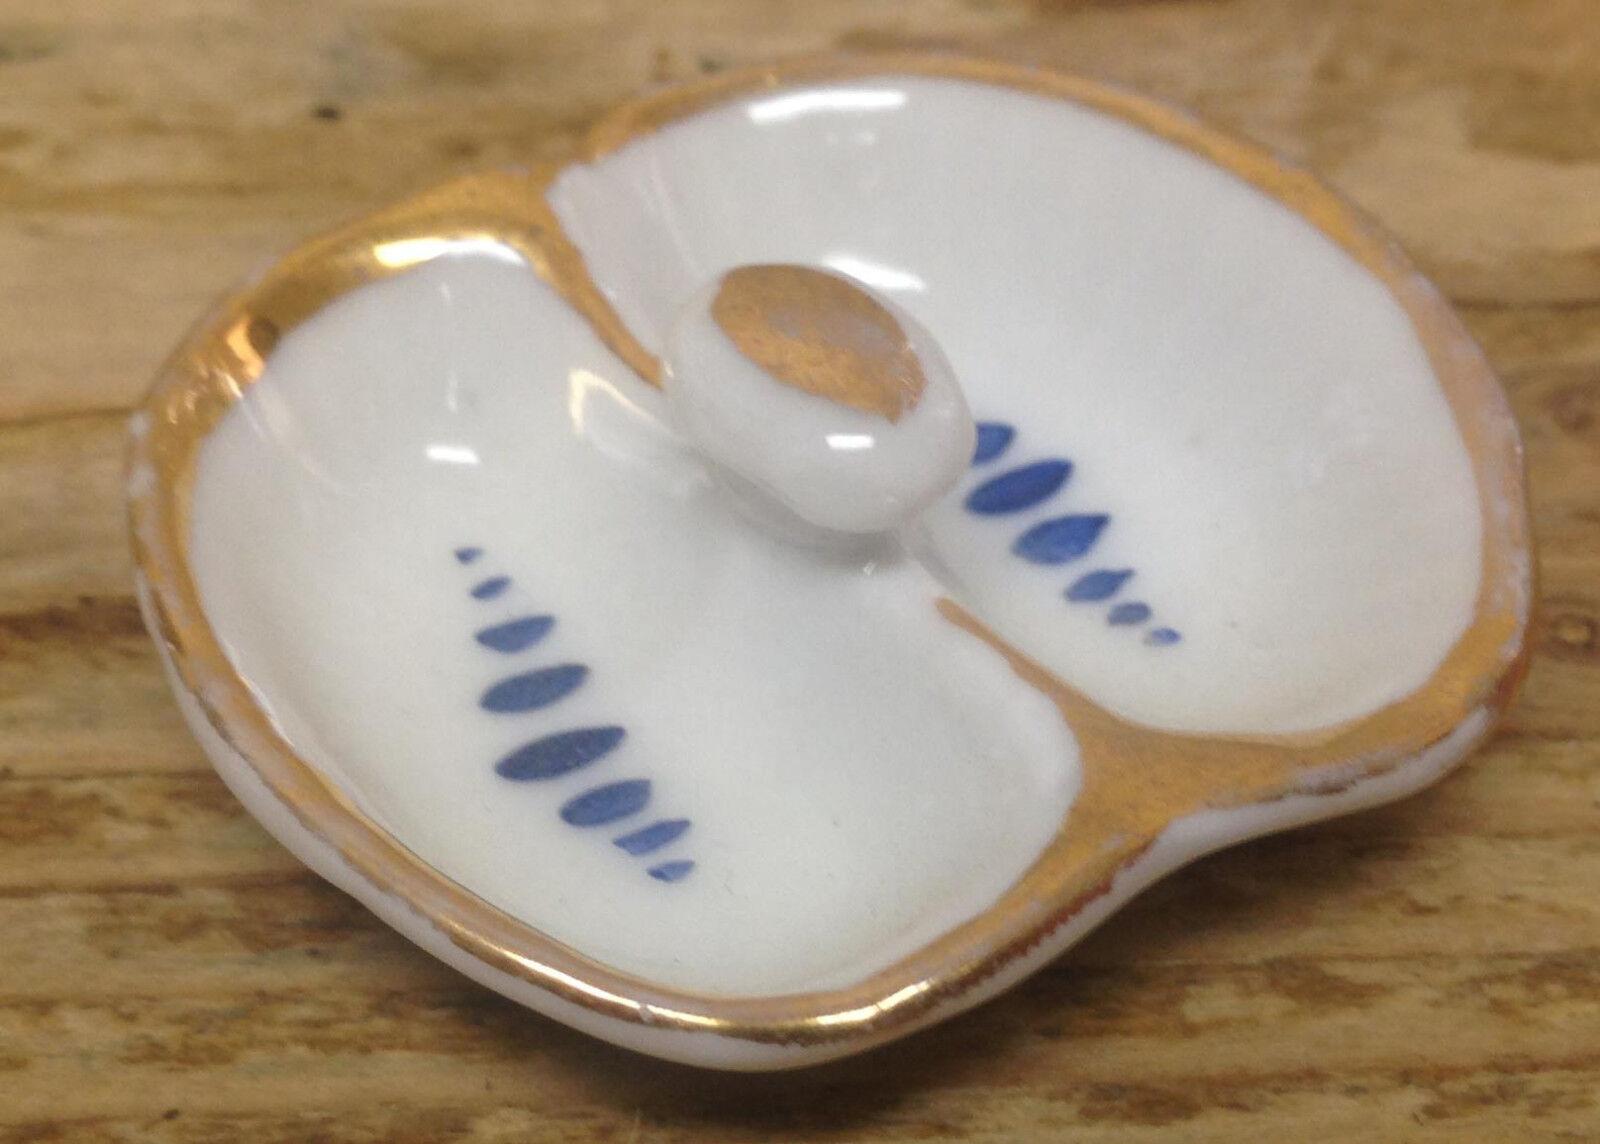 Antik Puppenhaus Speiseteller Porzellan Divided Blau-Weiß Europäische Seltener